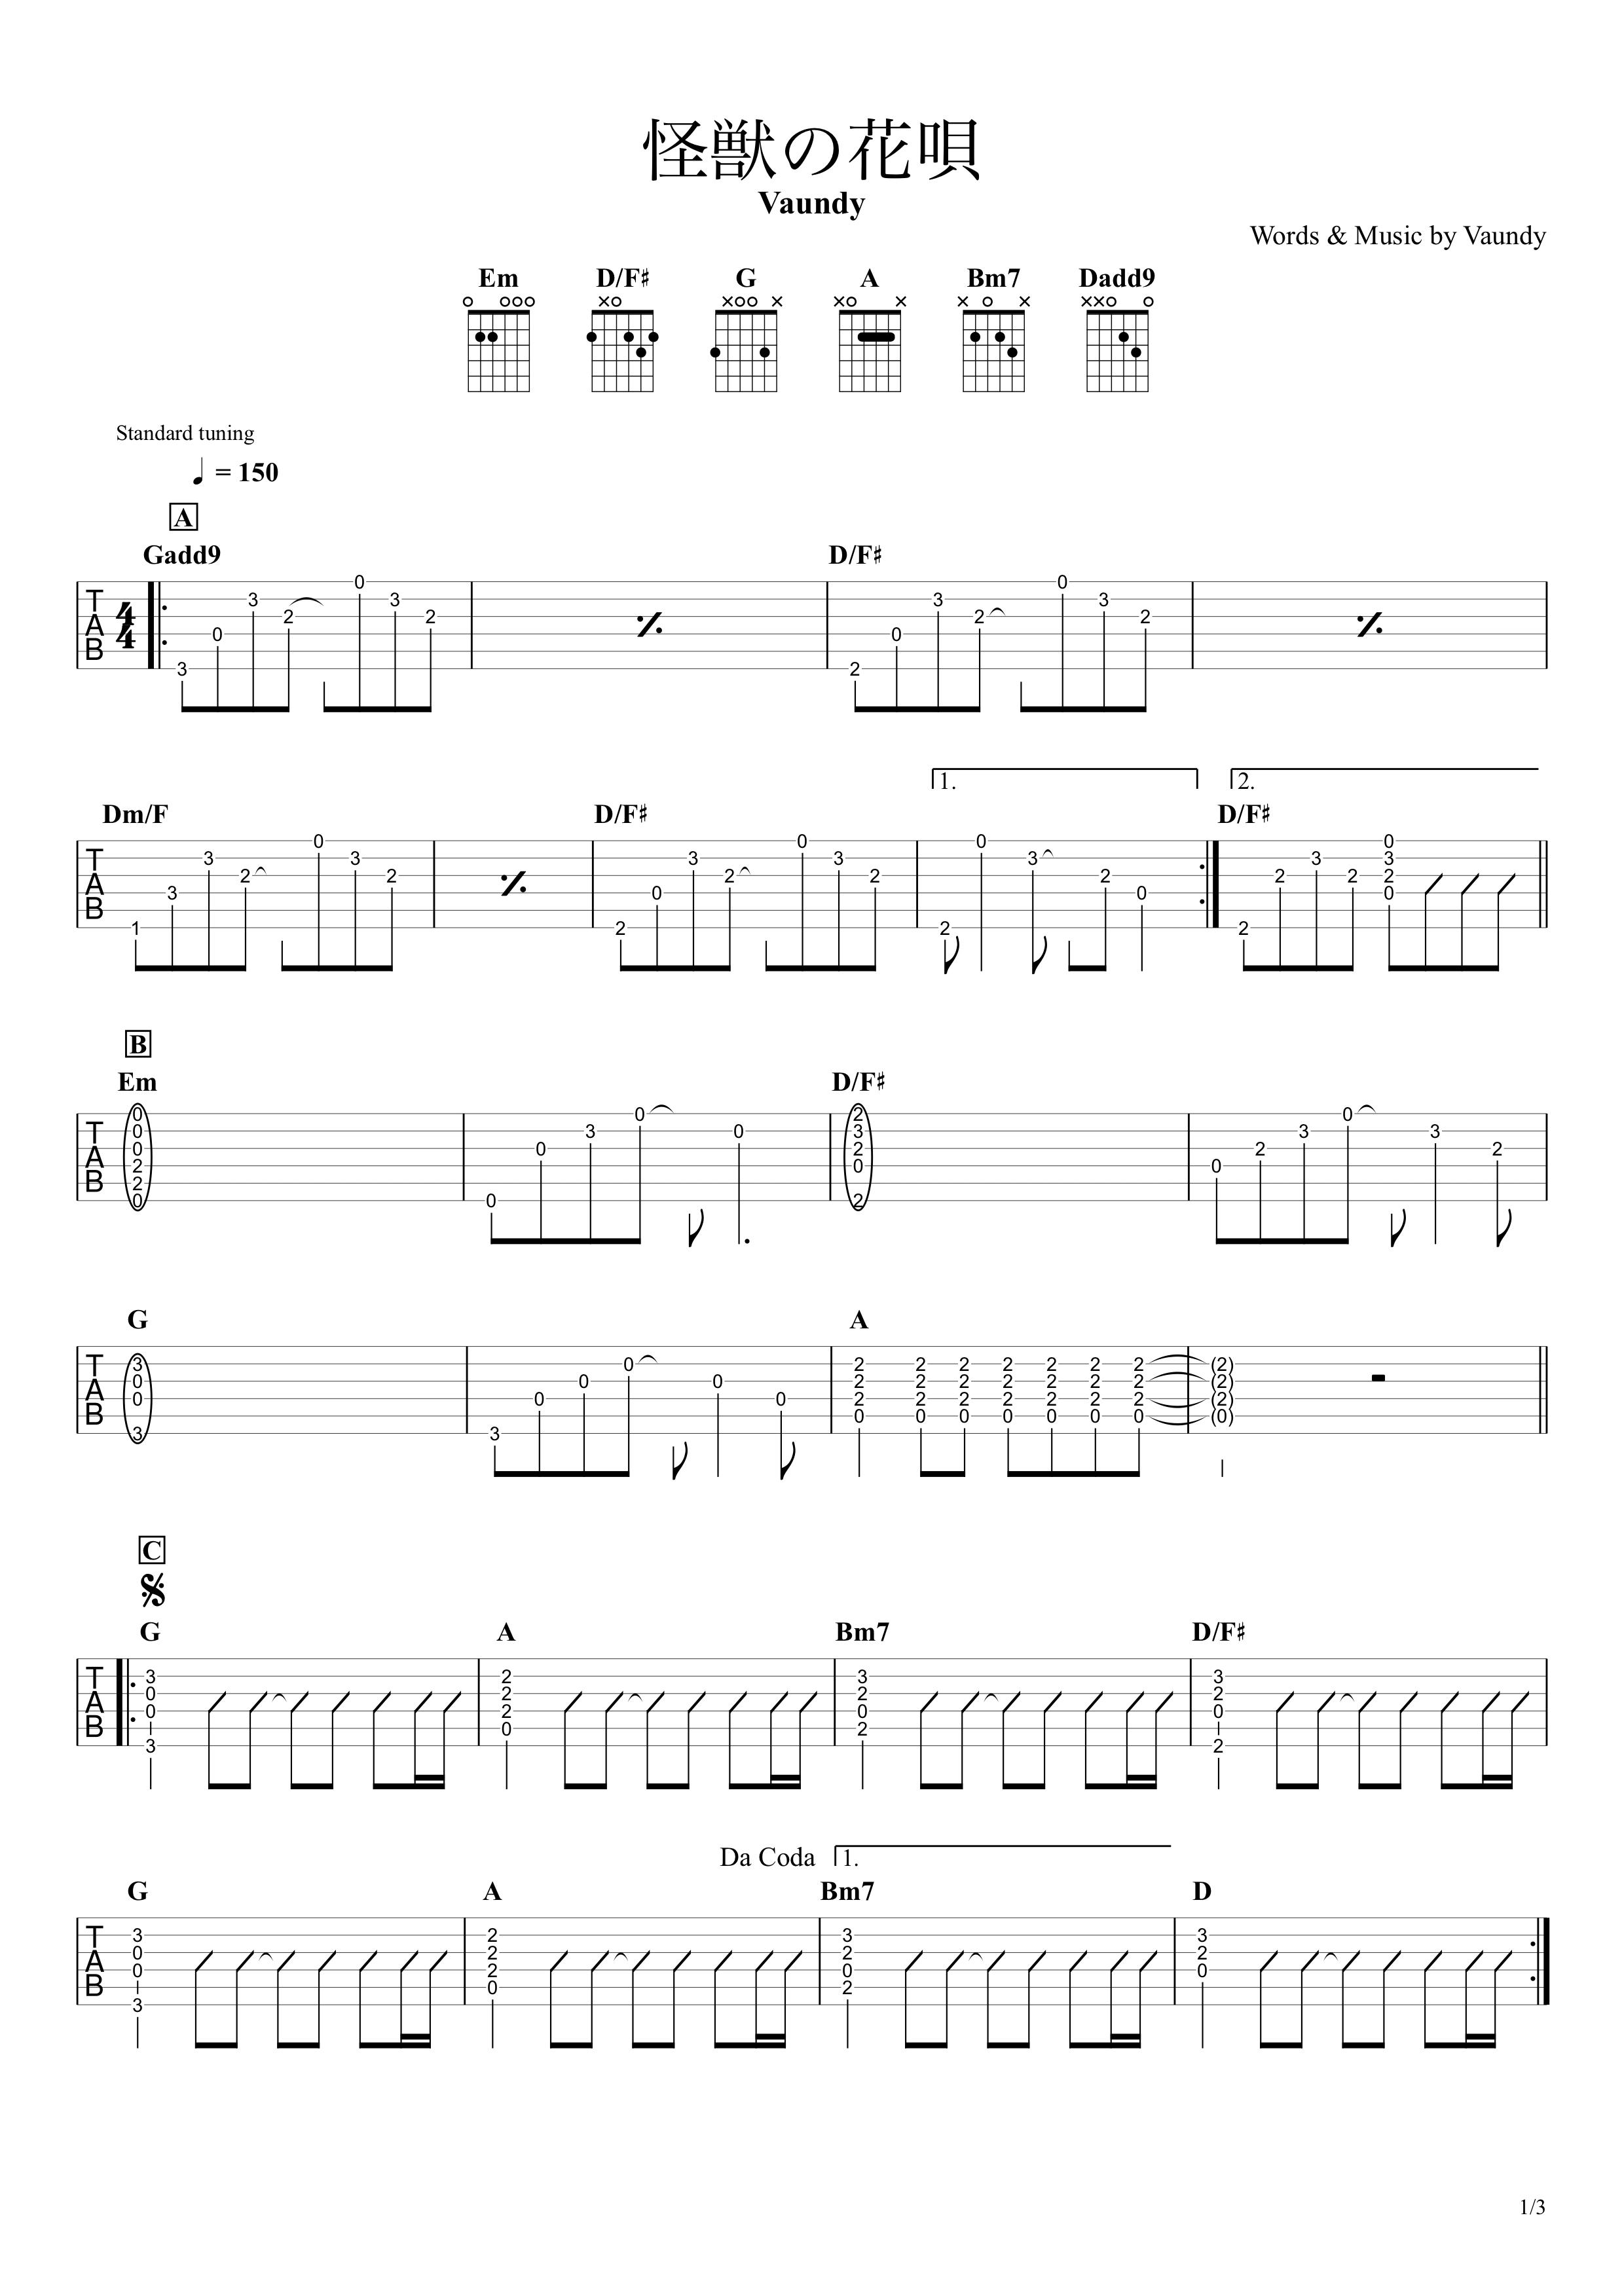 怪獣の花唄/Vaundy ギタータブ譜 アルペジオ&コードストロークで弾くVer.01